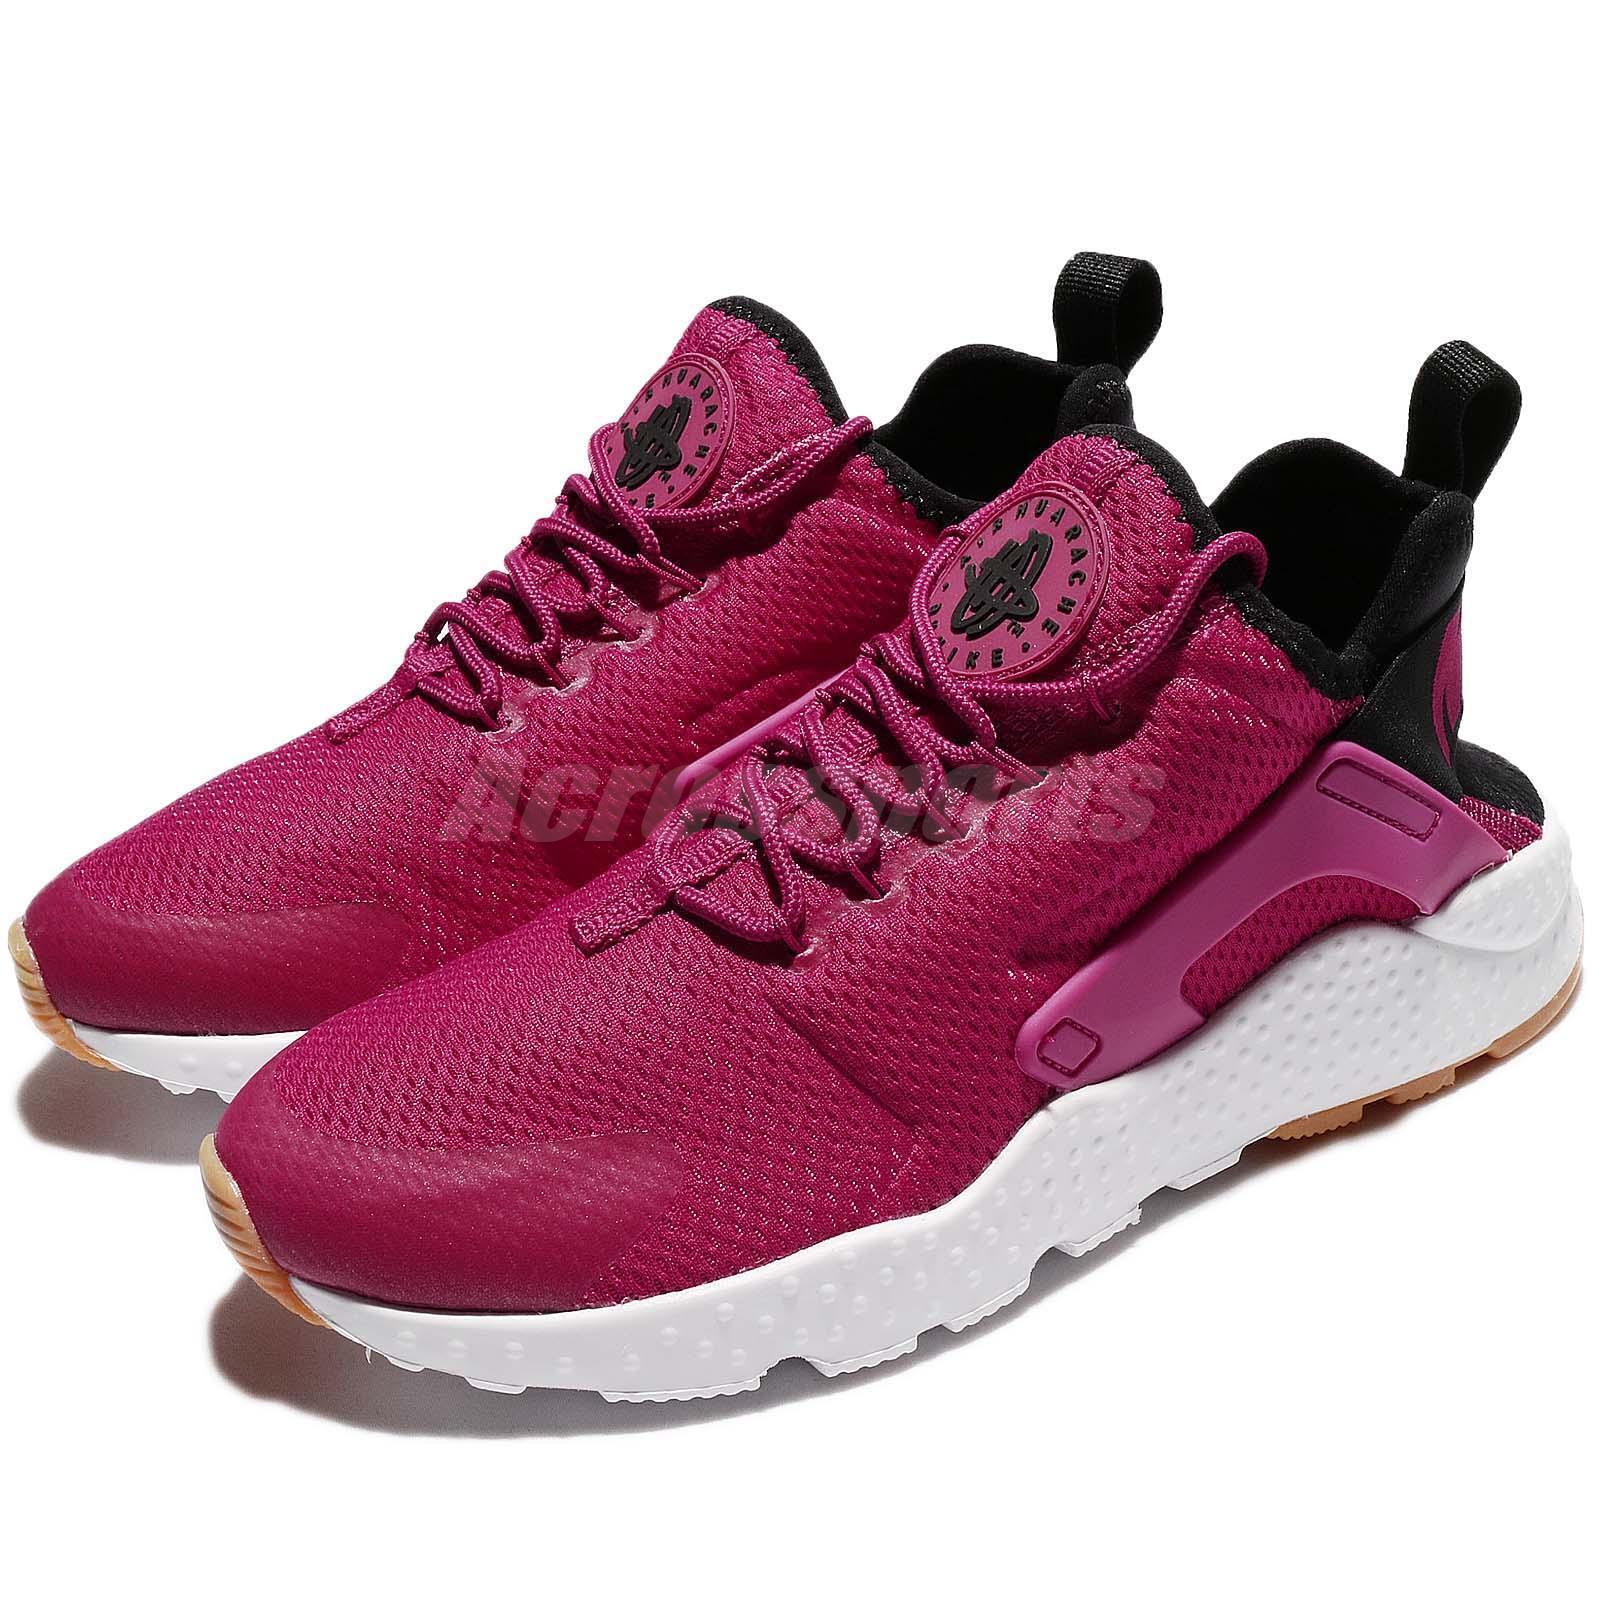 Wmns Ultra Nike Air Huarache Run Ultra Wmns Mujeres Tenis para Correr Zapatillas de estilo de vida elige 1 e83947